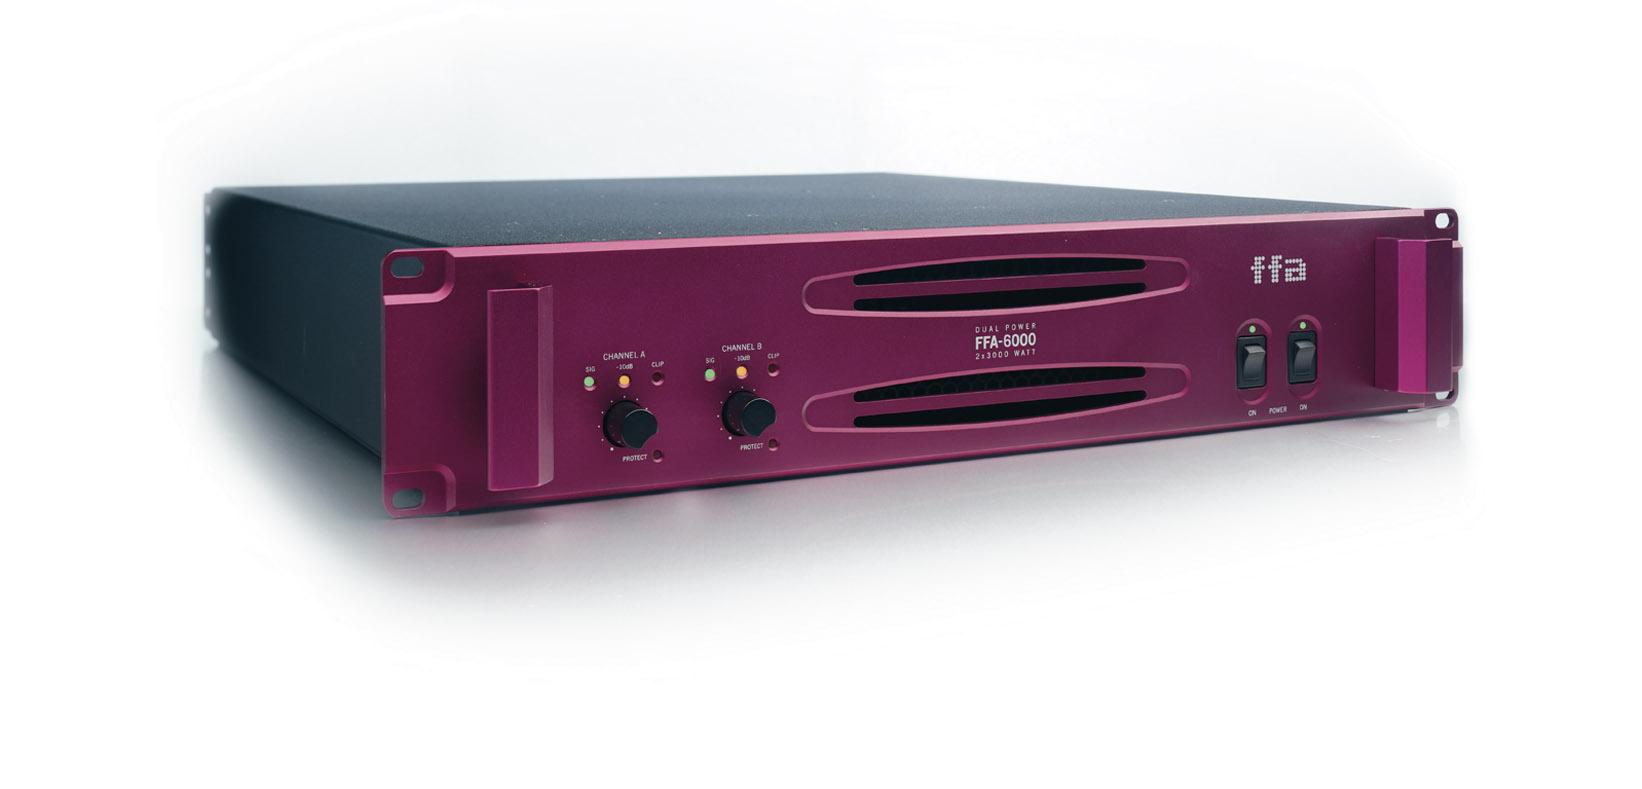 FFA-6000 DUAL POWER 2 x 3000W